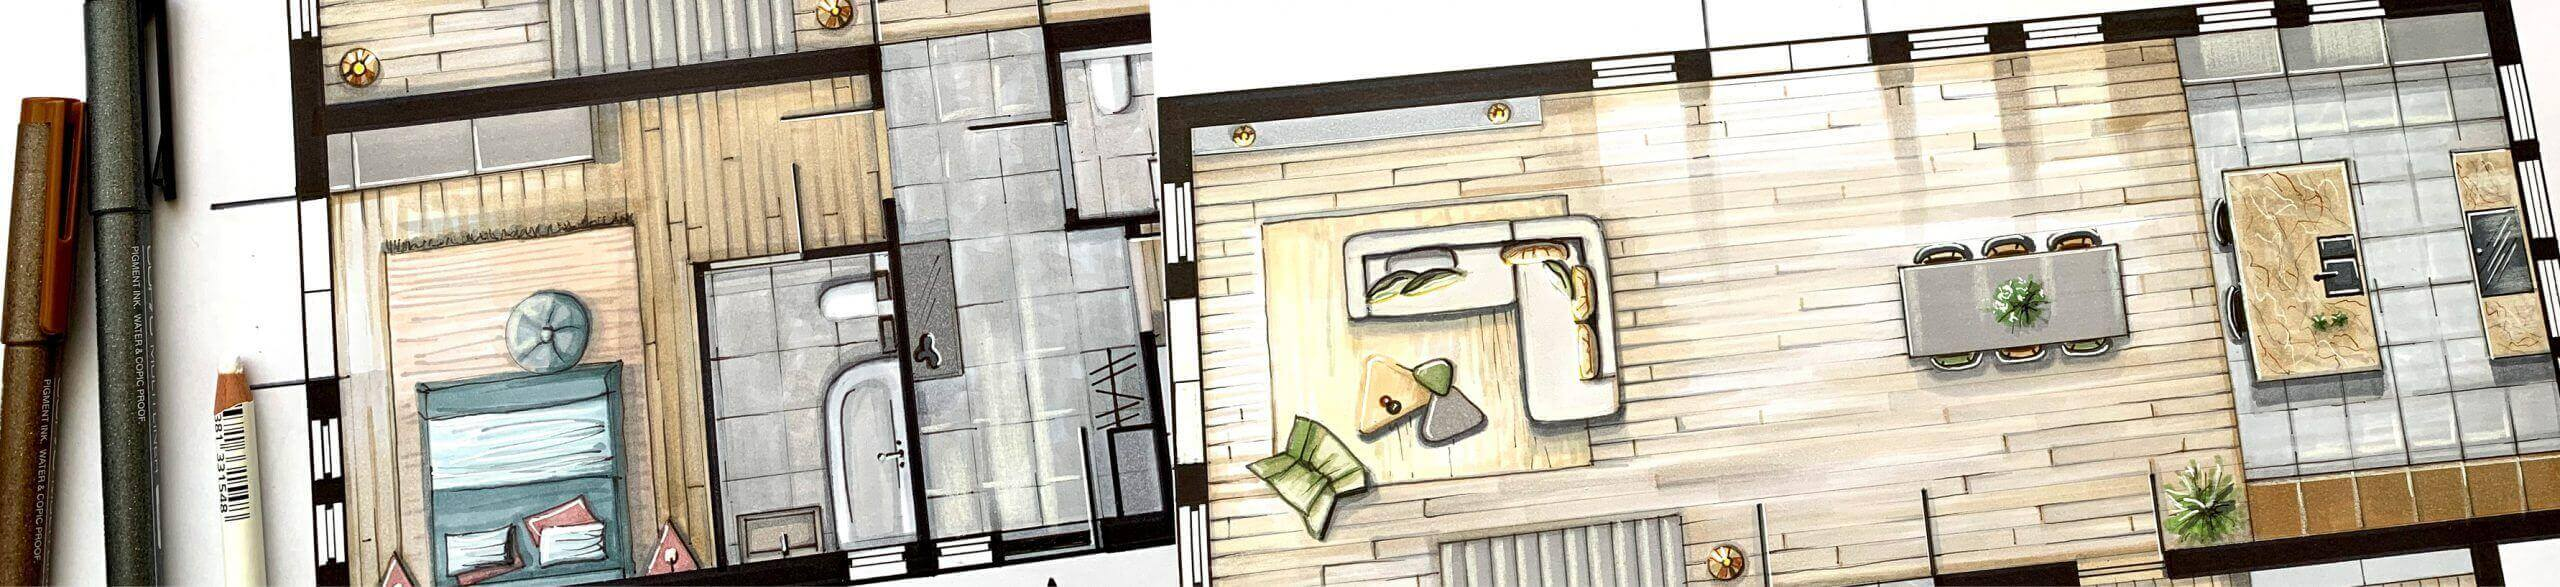 plattegrond tekening academy online perspectief tekenen Olga Adler